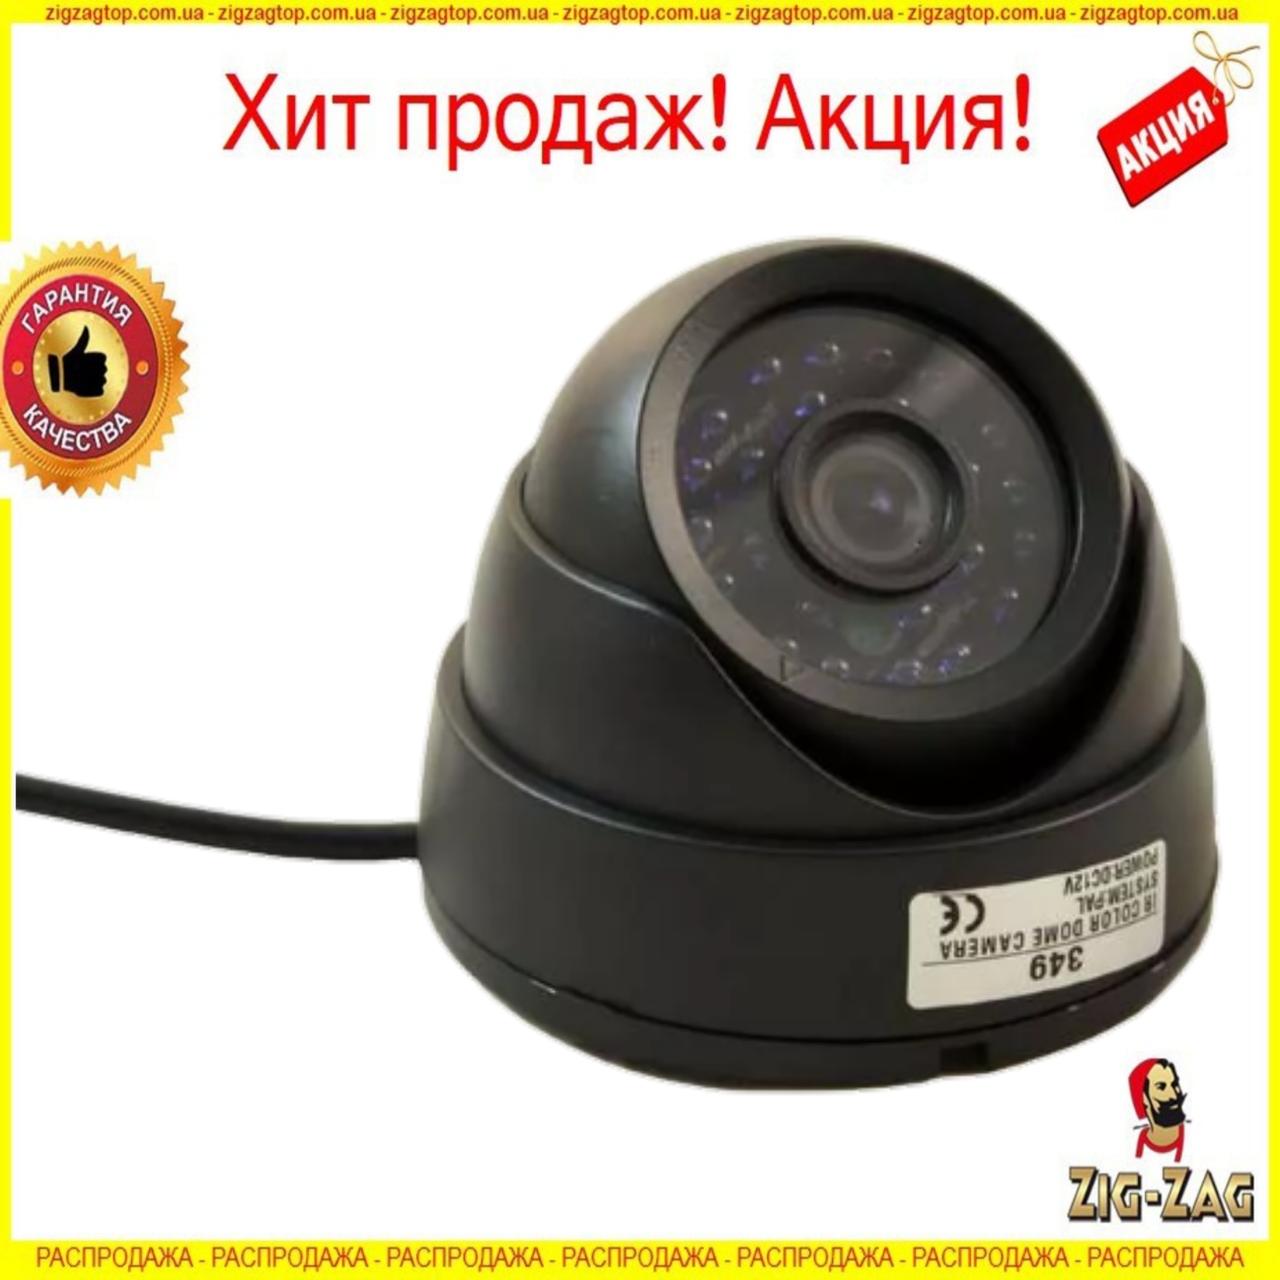 Камера Відеоспостереження Kronos CCTV 349 Camera з ІЧ підсвічуванням Для Дому, Дачі, Офісу Вулична Зовнішня КОЛЬОРОВА